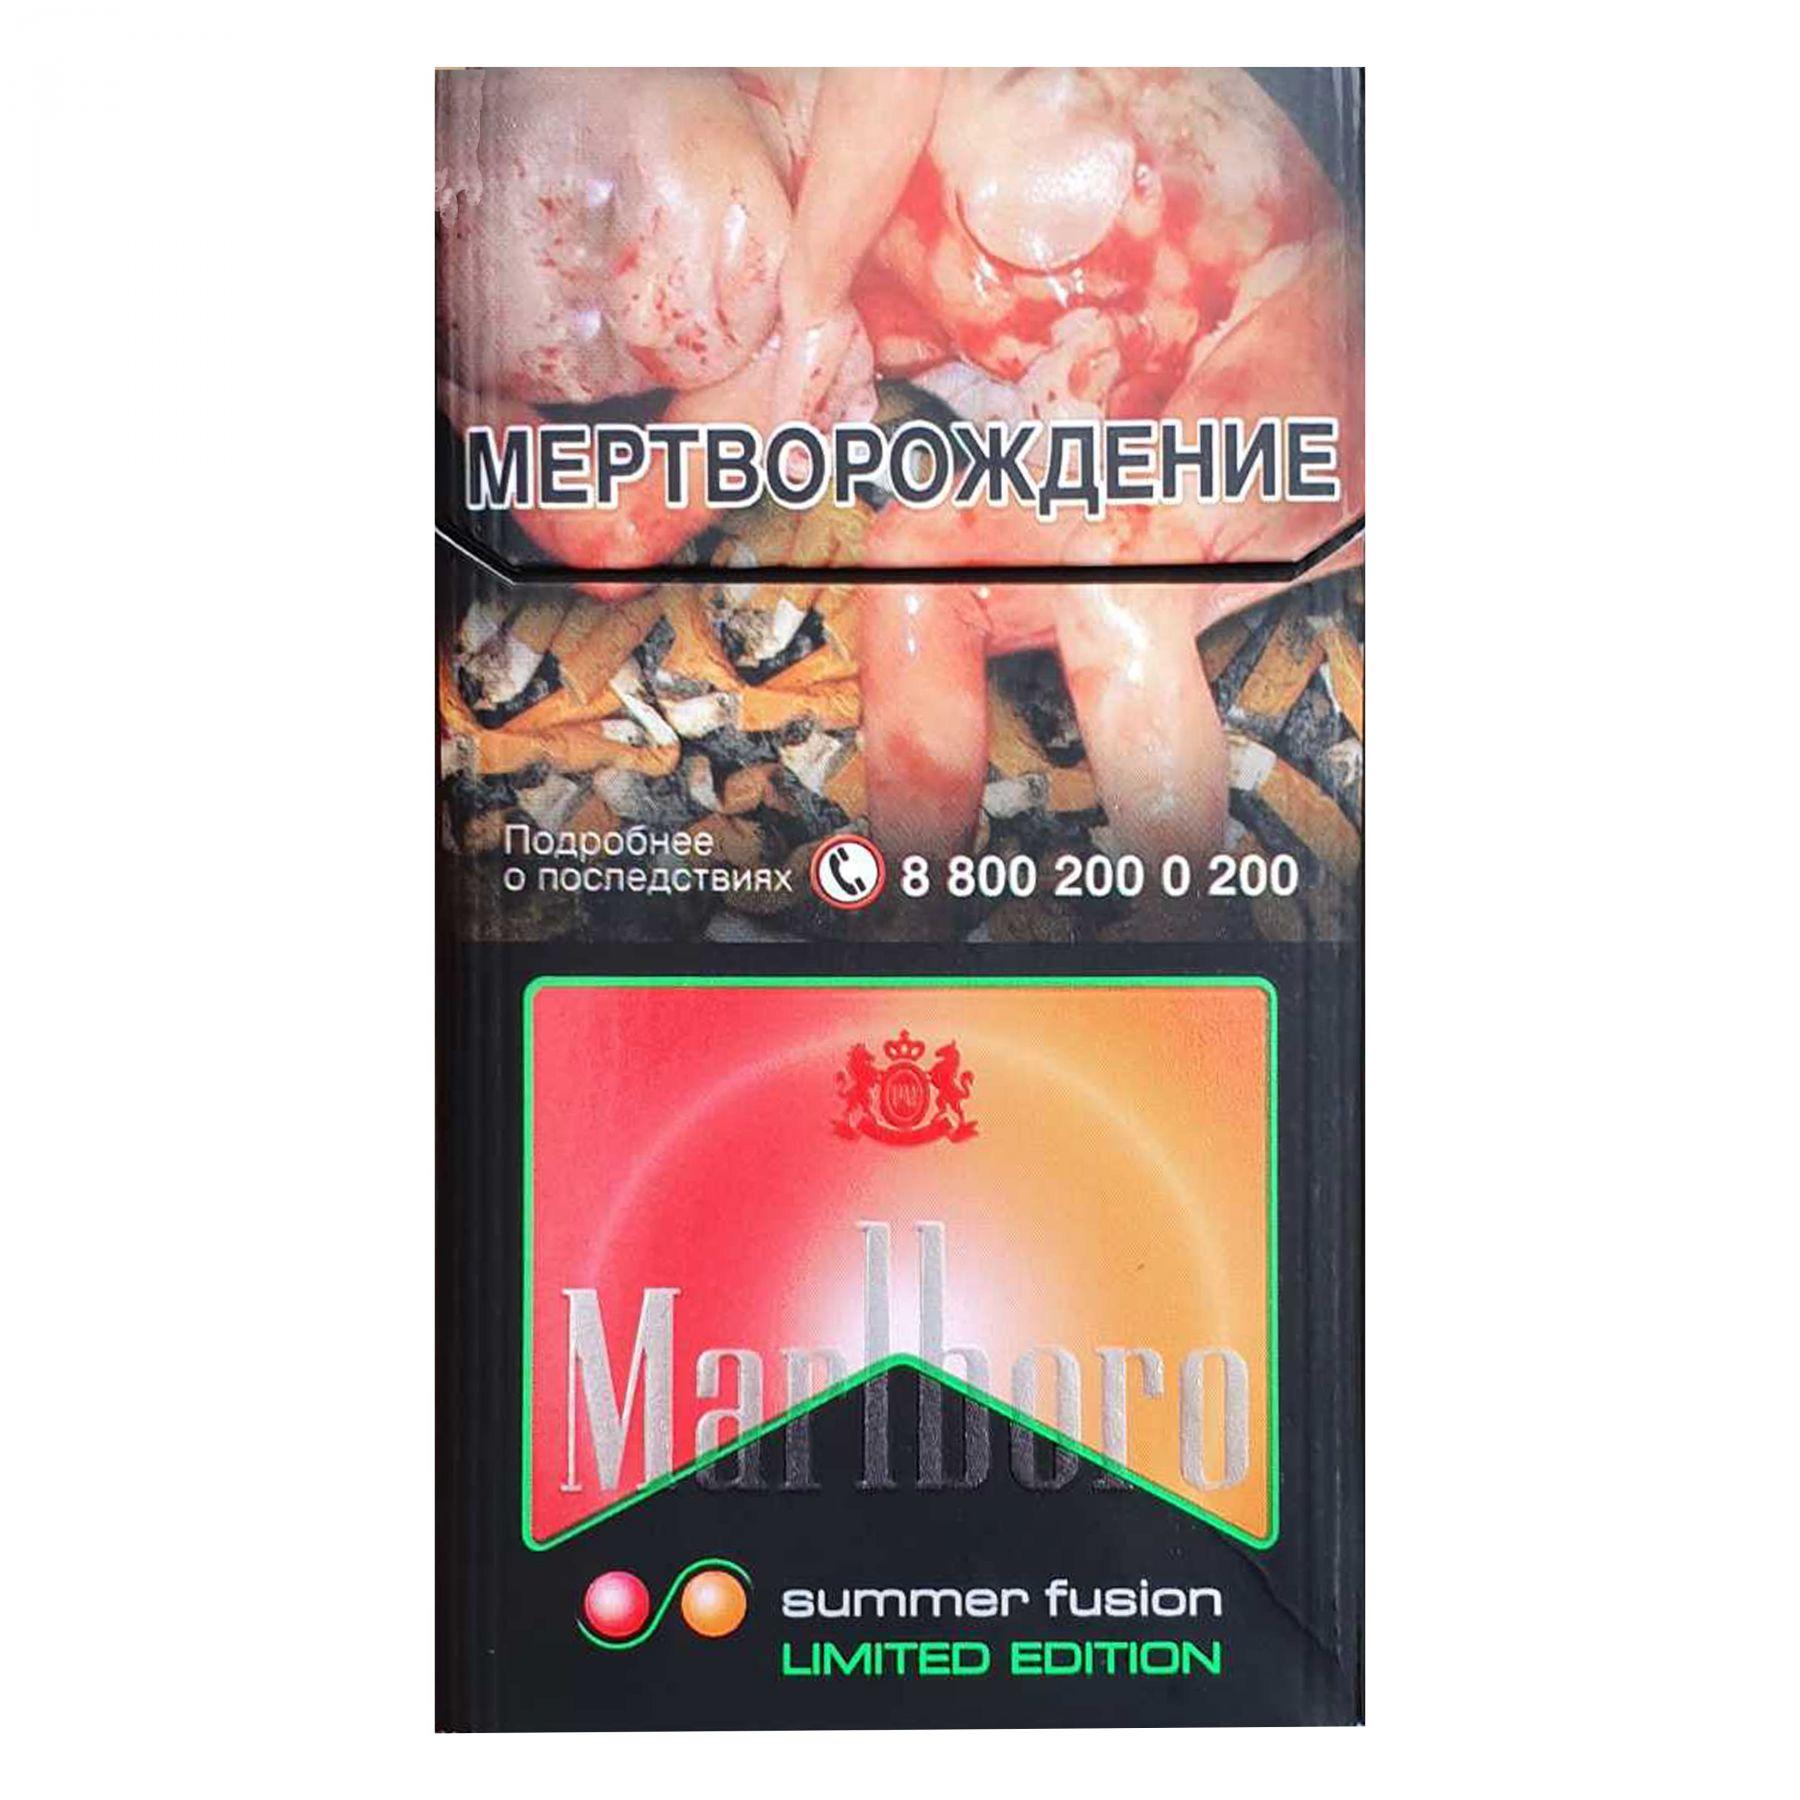 Сигареты marlboro summer fusion купить сроки хранения табачного изделия